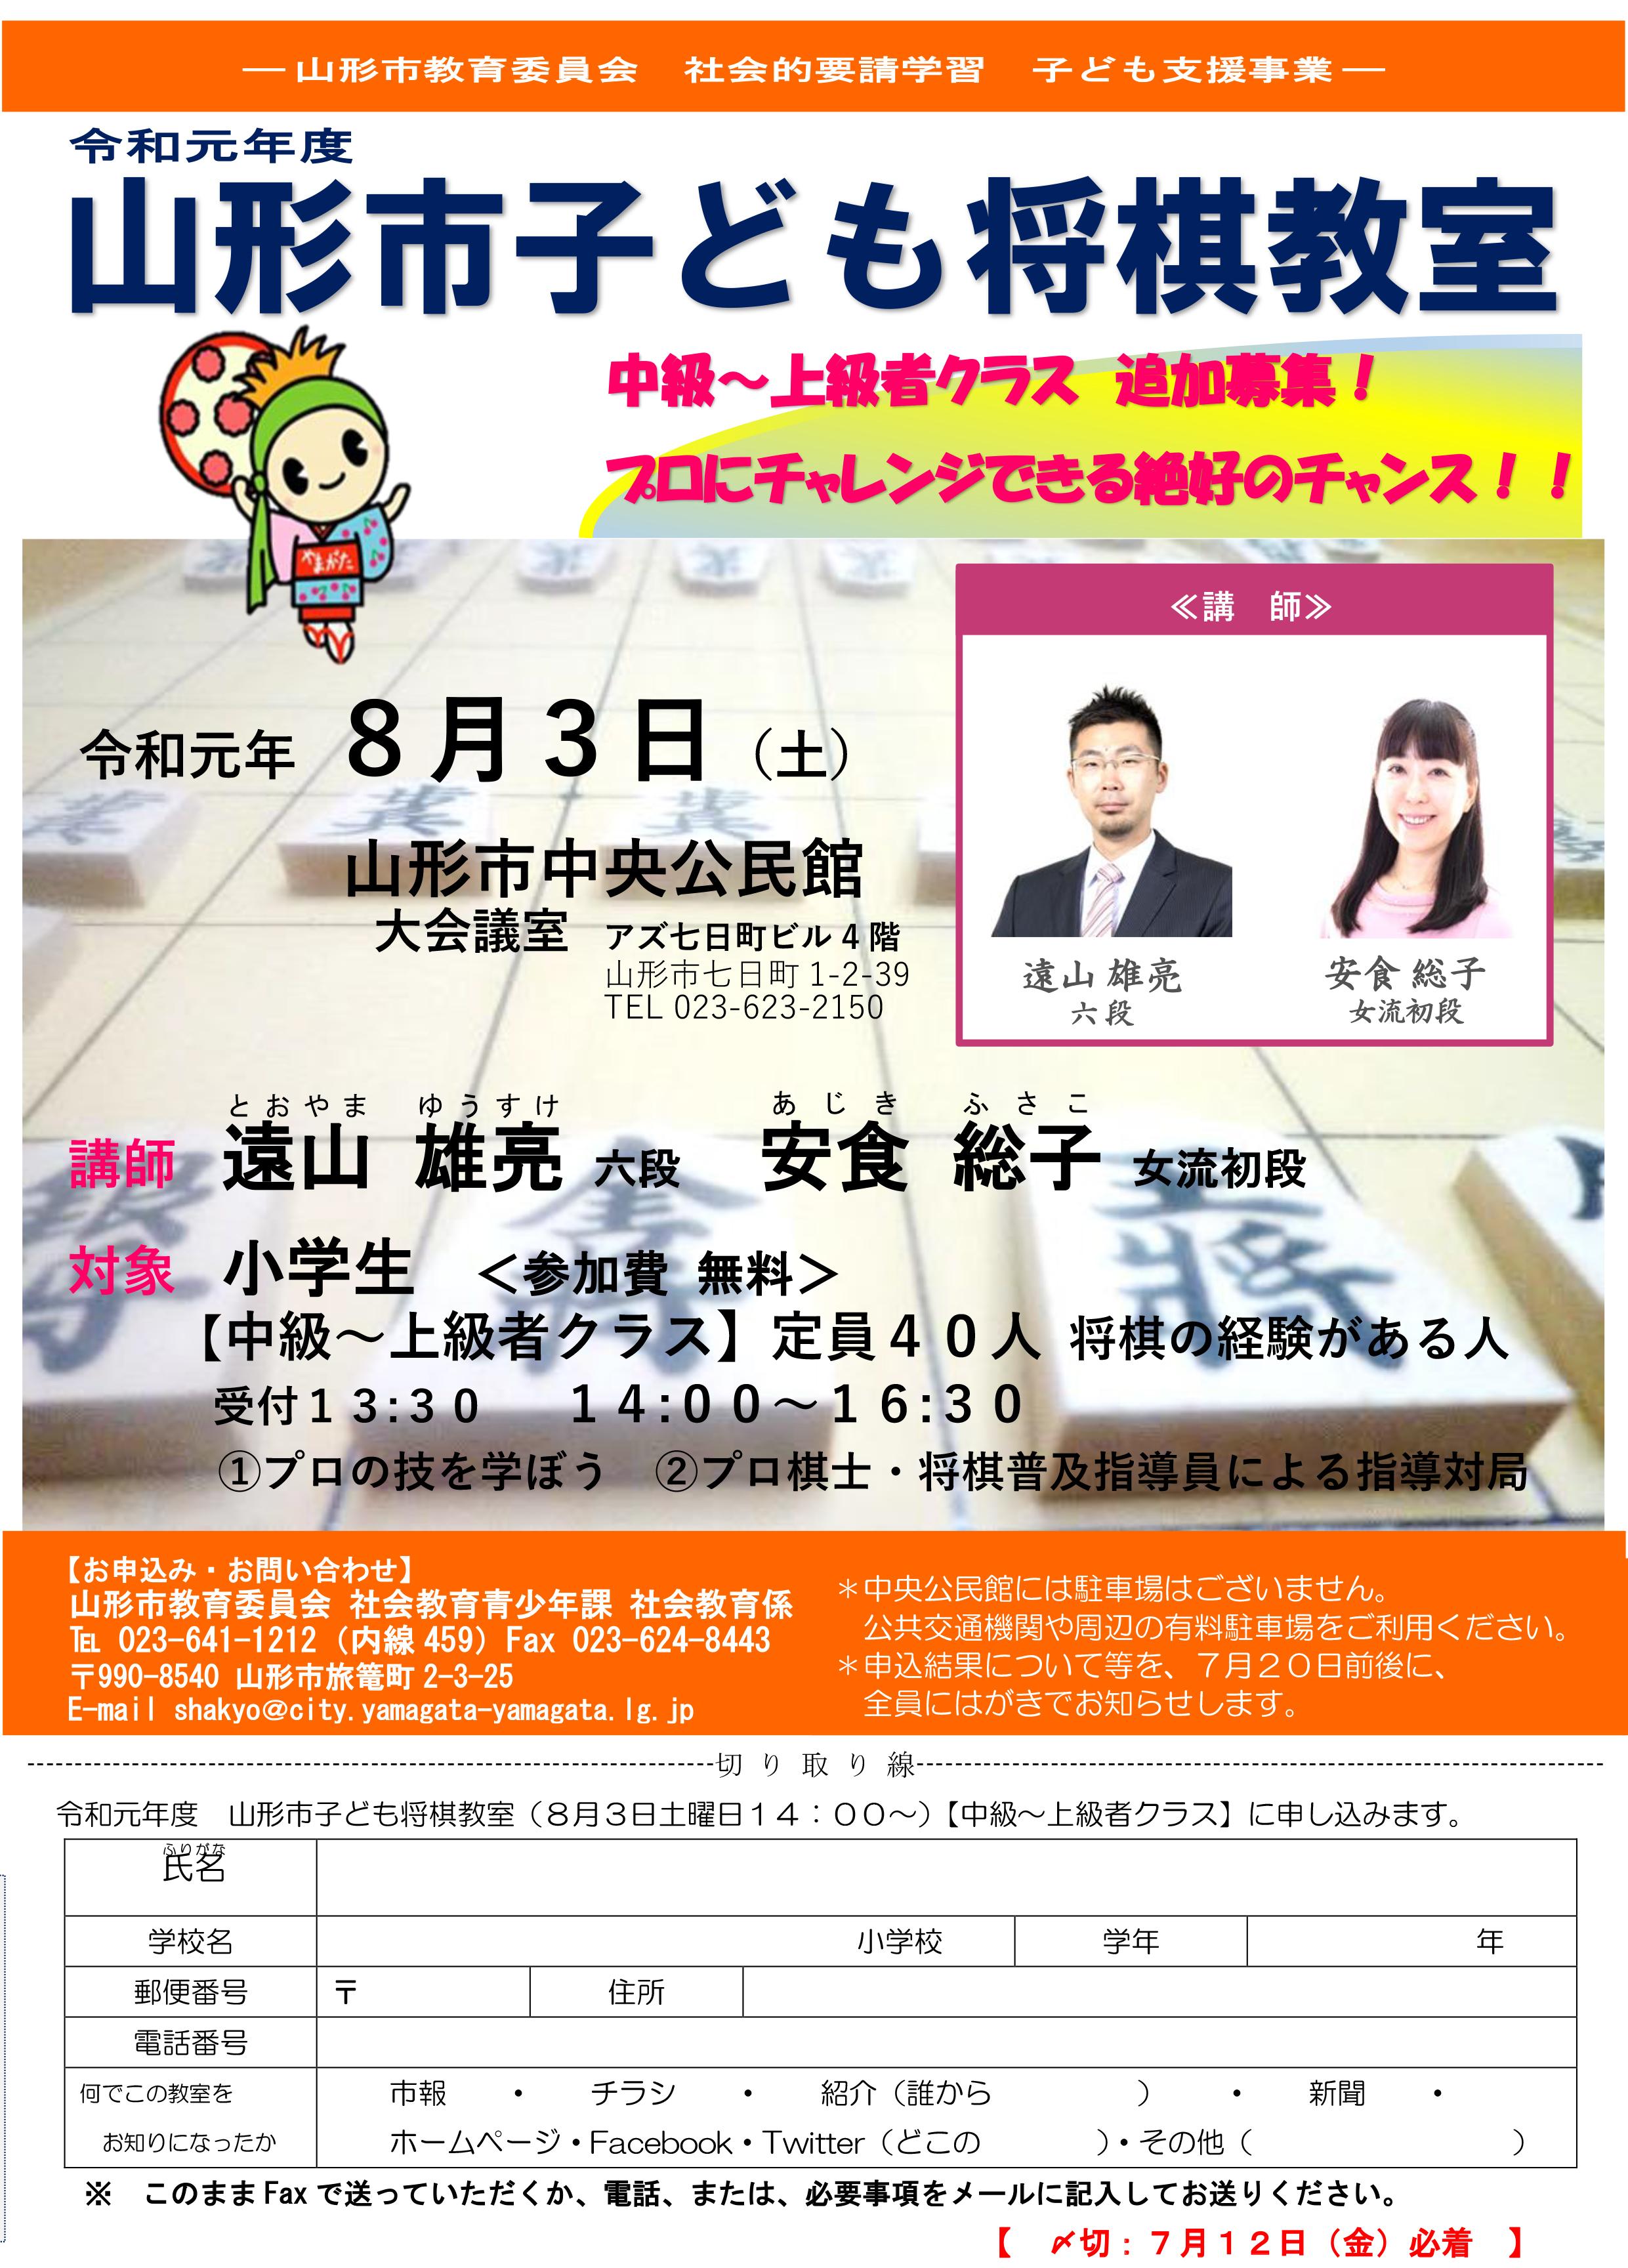 二次募集用(案2)R元子ども将棋教室広報用ポスター・チラシ